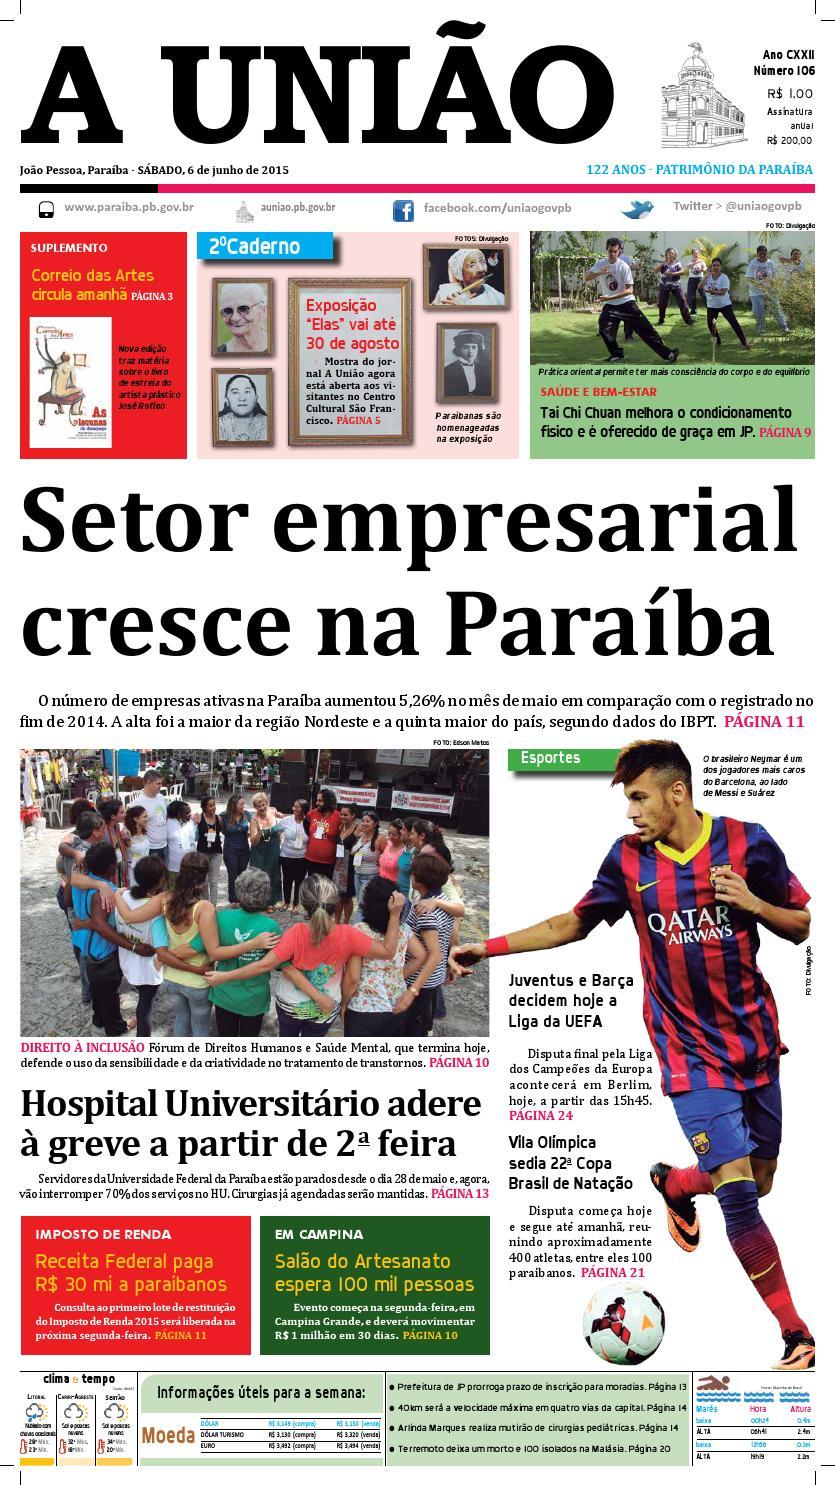 Jornal A União - 06 06 2015 by Jornal A União - issuu 3743eedf1aac1